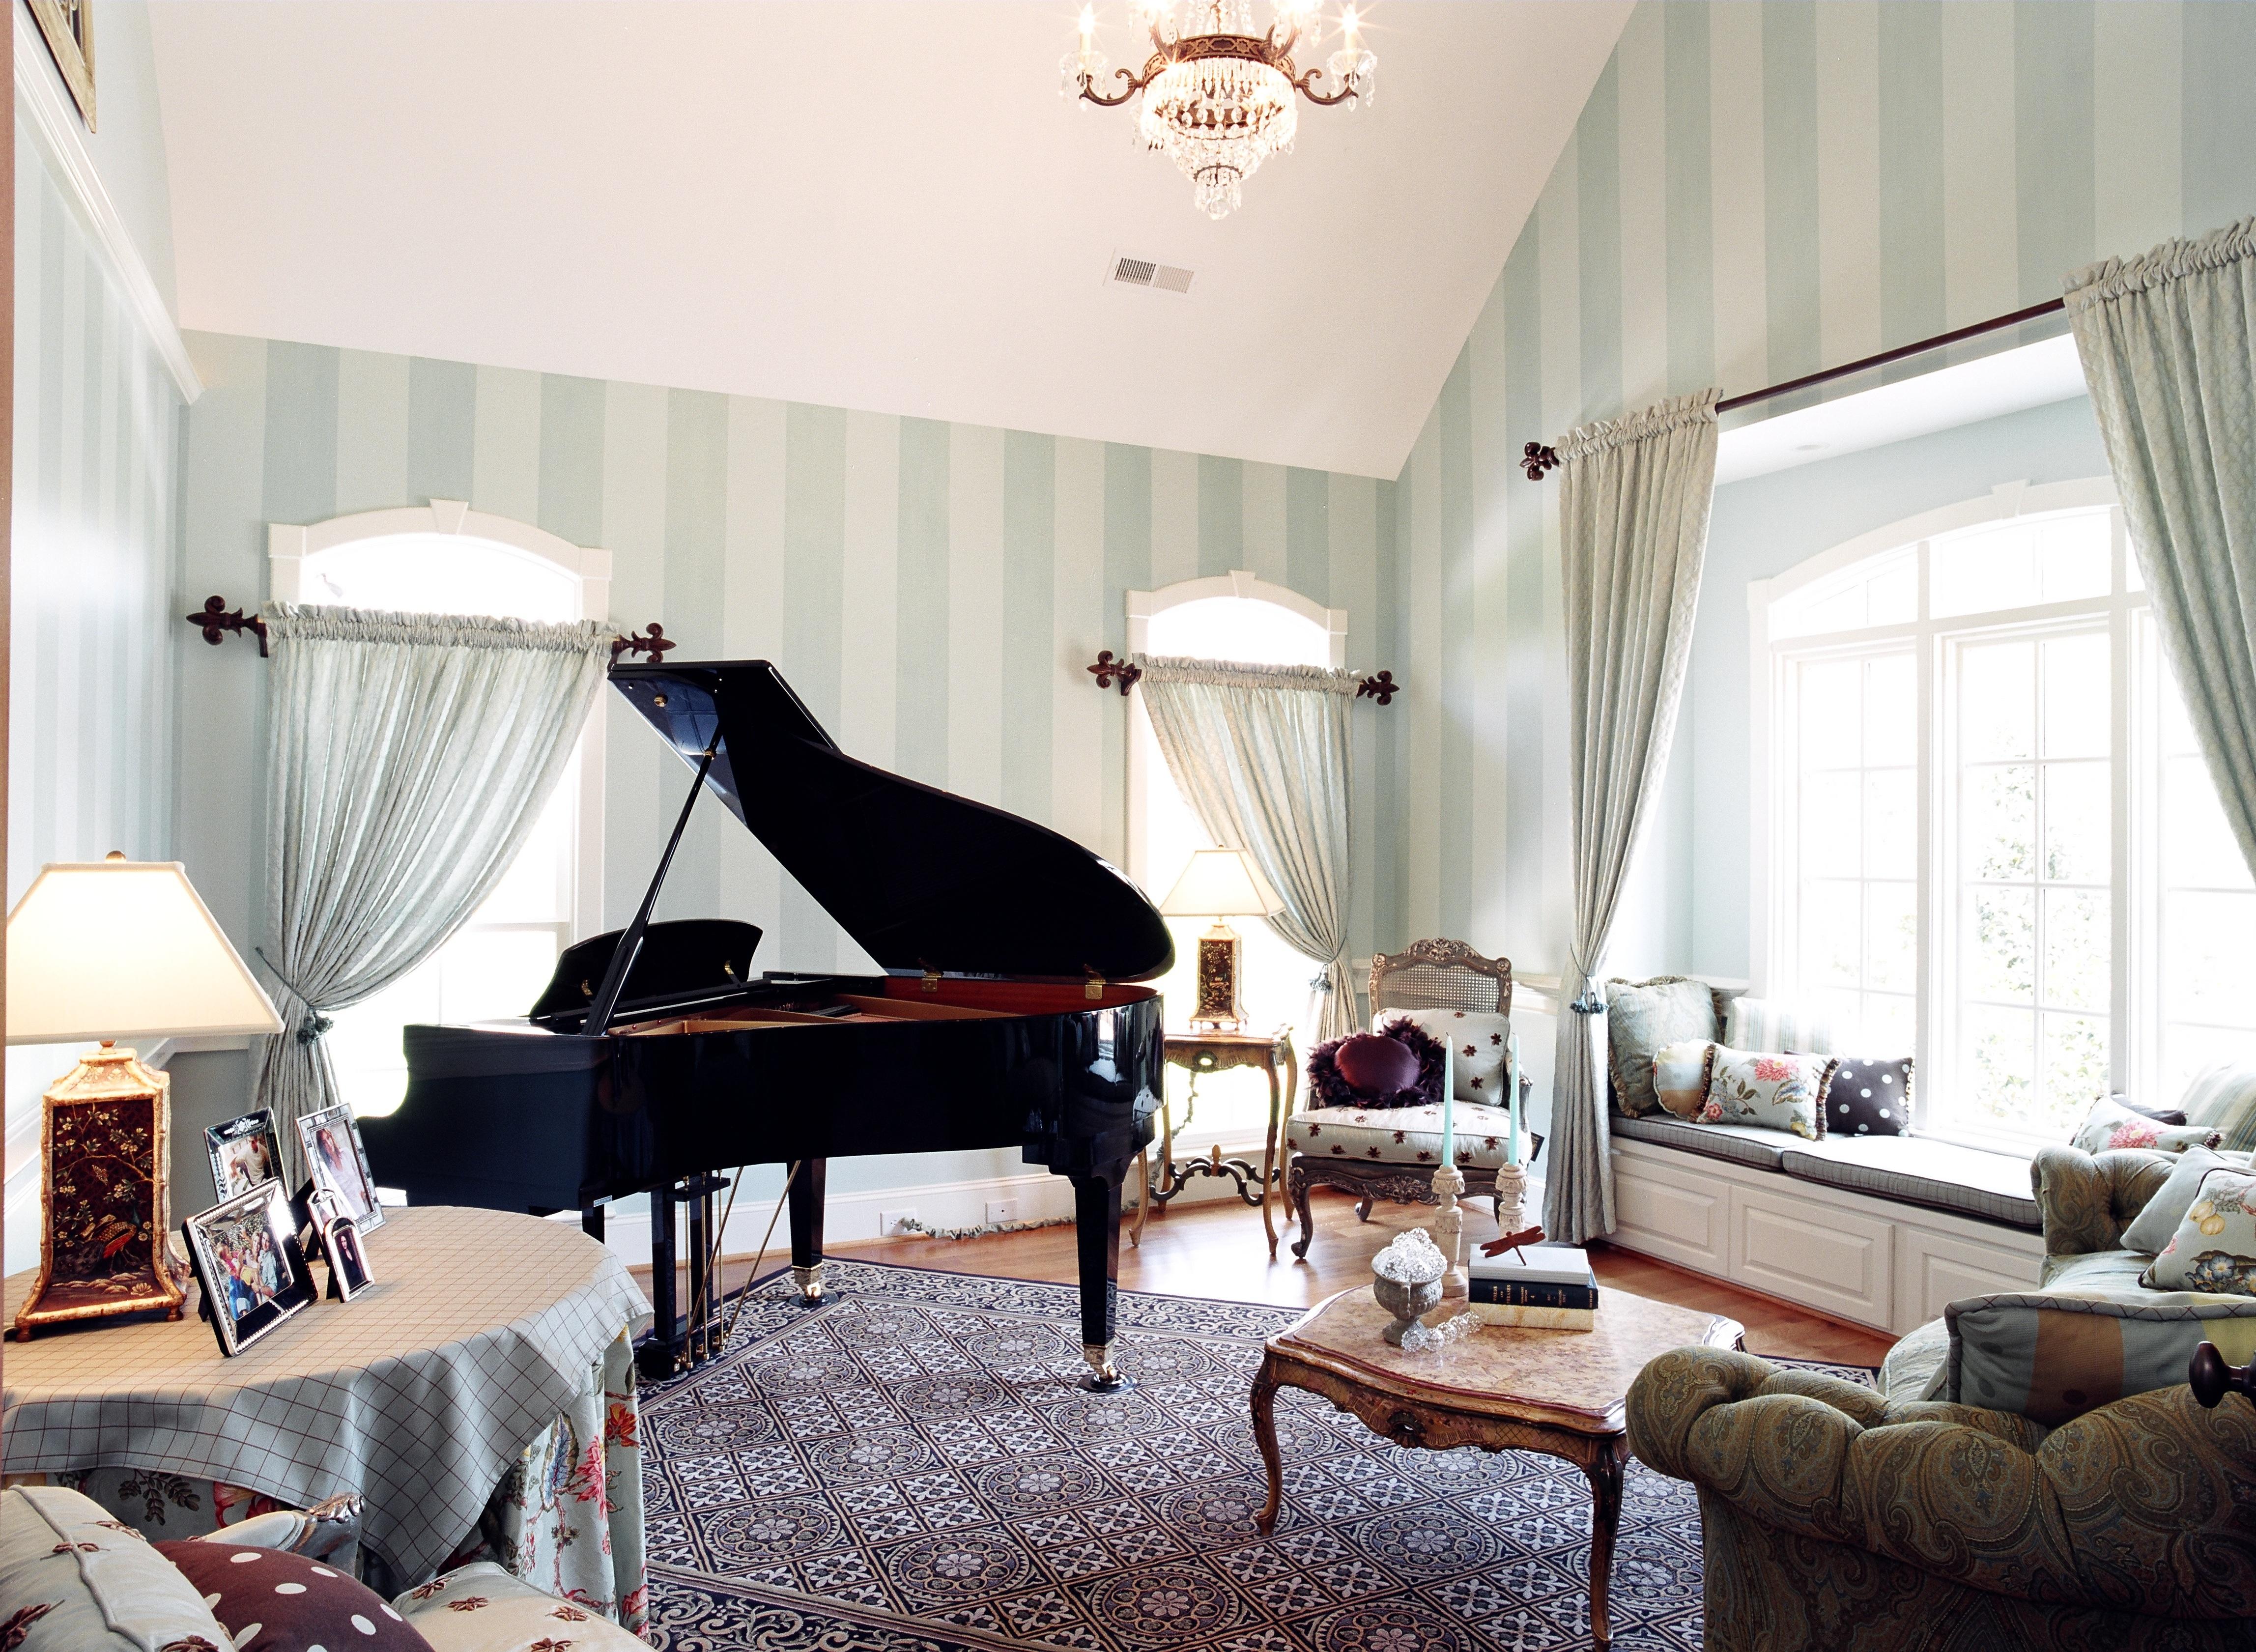 Interior design home cottage - Music Home Cottage Serene Property Living Room Room Lifestyle Interior Design Design Estate Listen Suite Real